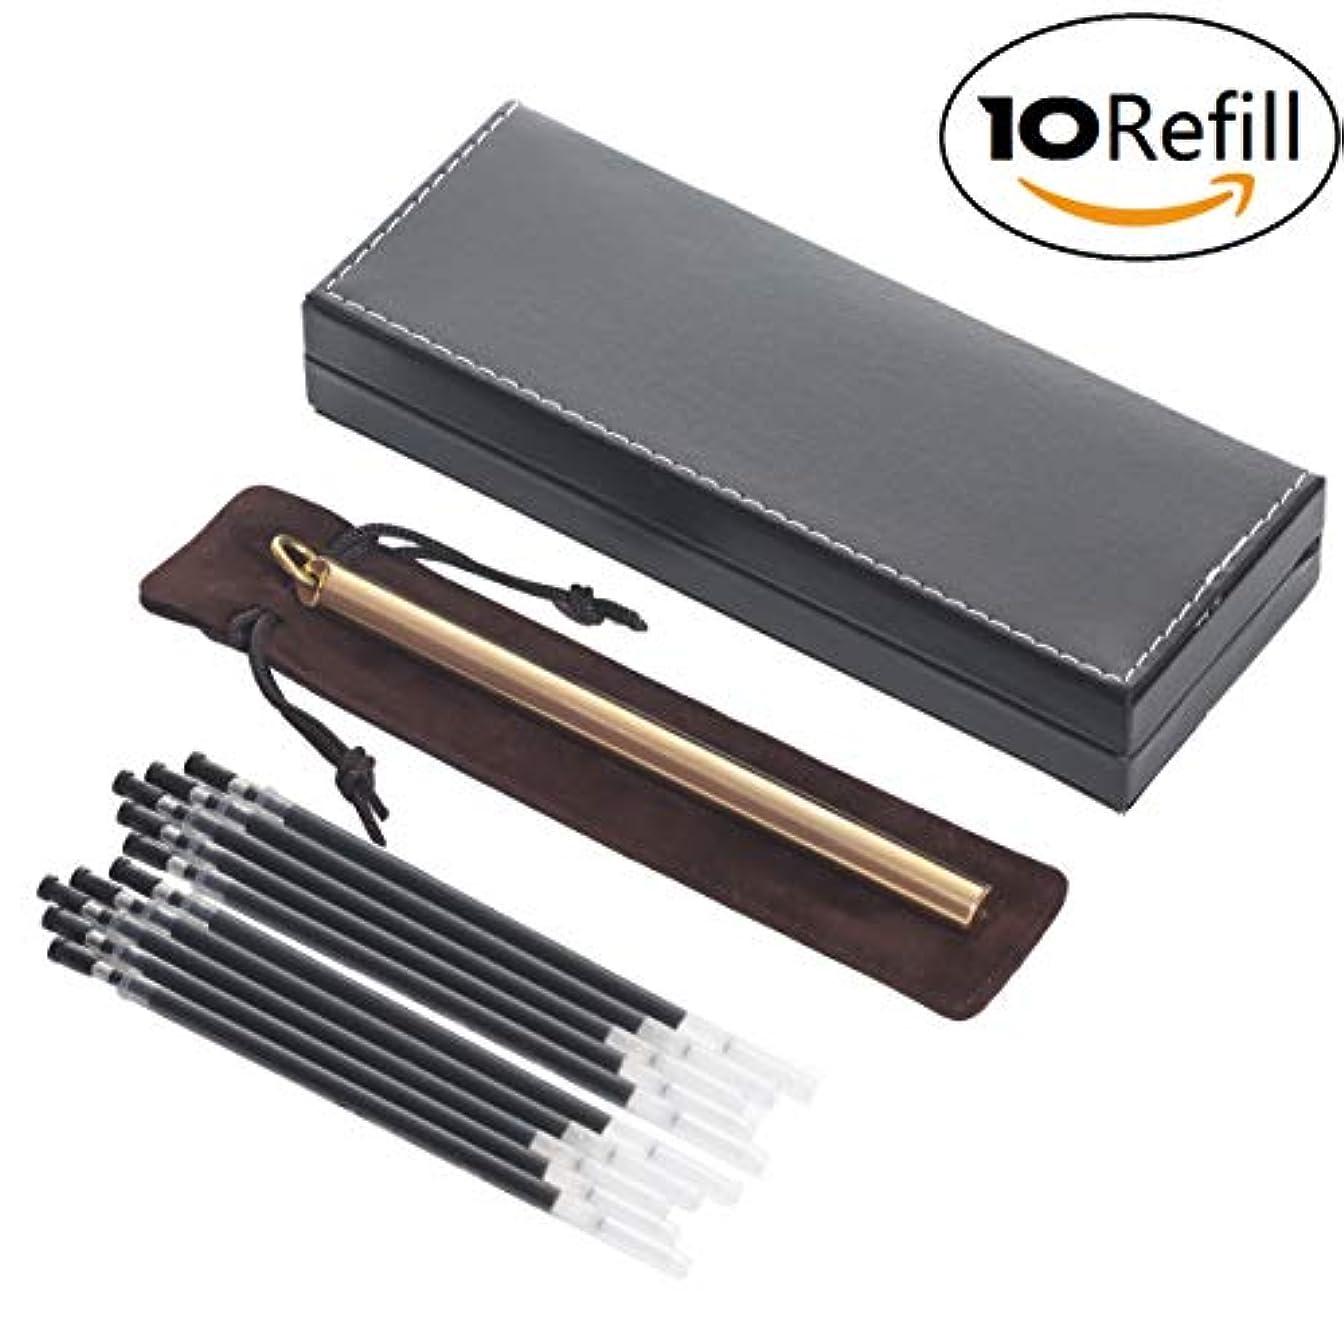 石膏符号克服するCklt真鍮銅リングペンContains 5 RefillハイエンドPUギフトボックスペンArtware Gelペンローラーペン